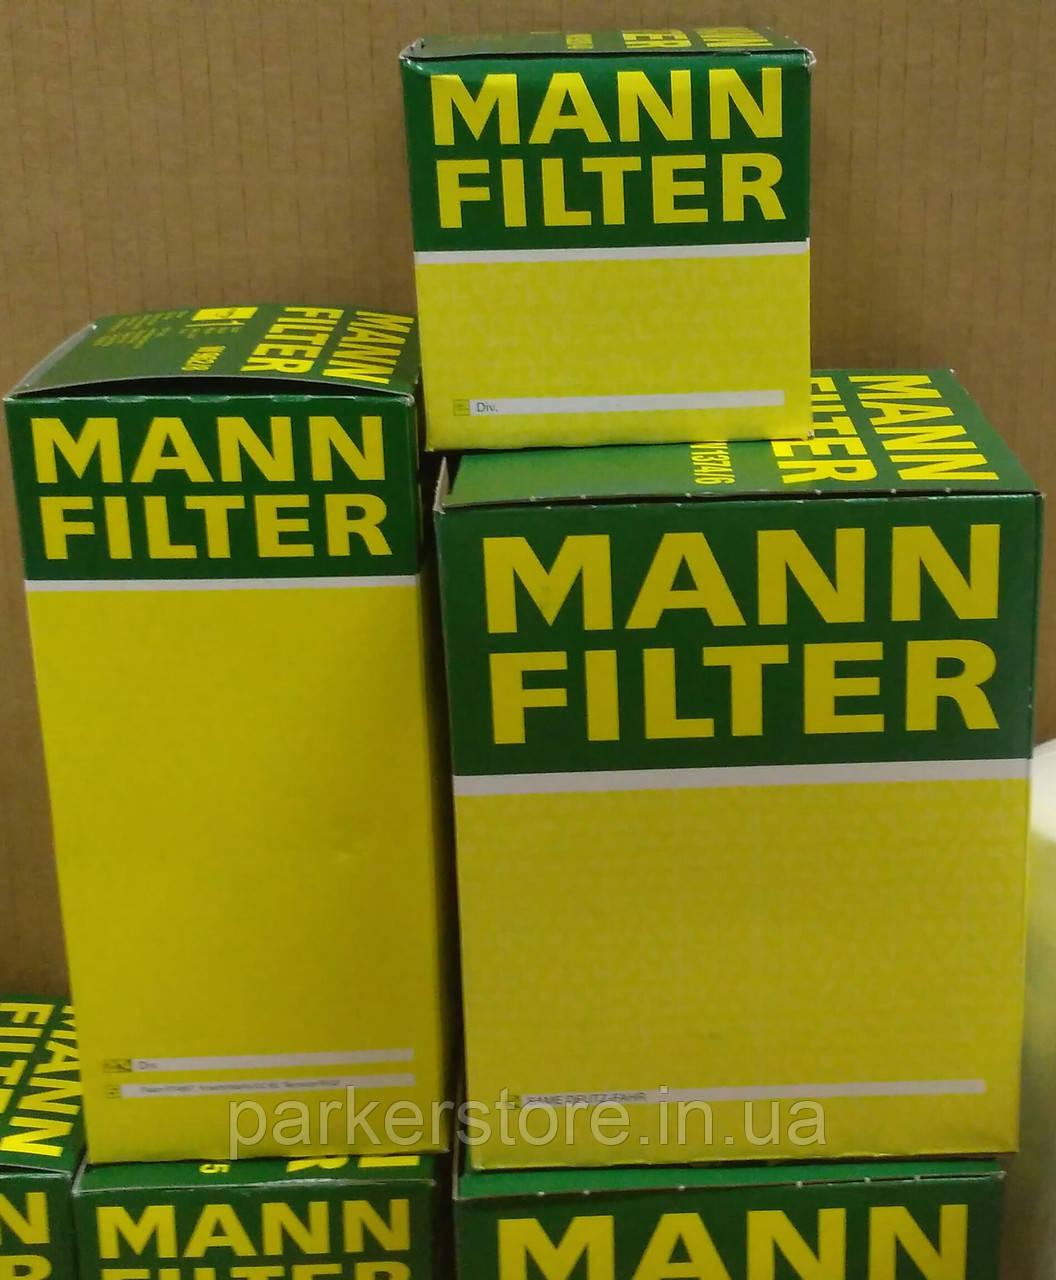 MANN FILTER / Воздушный фильтр / C 25 710/3 / C25710/3